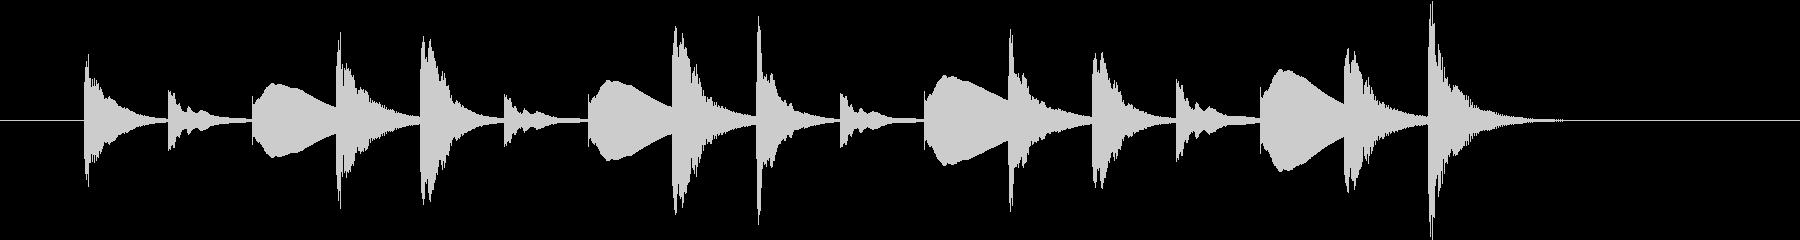 アニメ系ジングル_ほのぼの01の未再生の波形